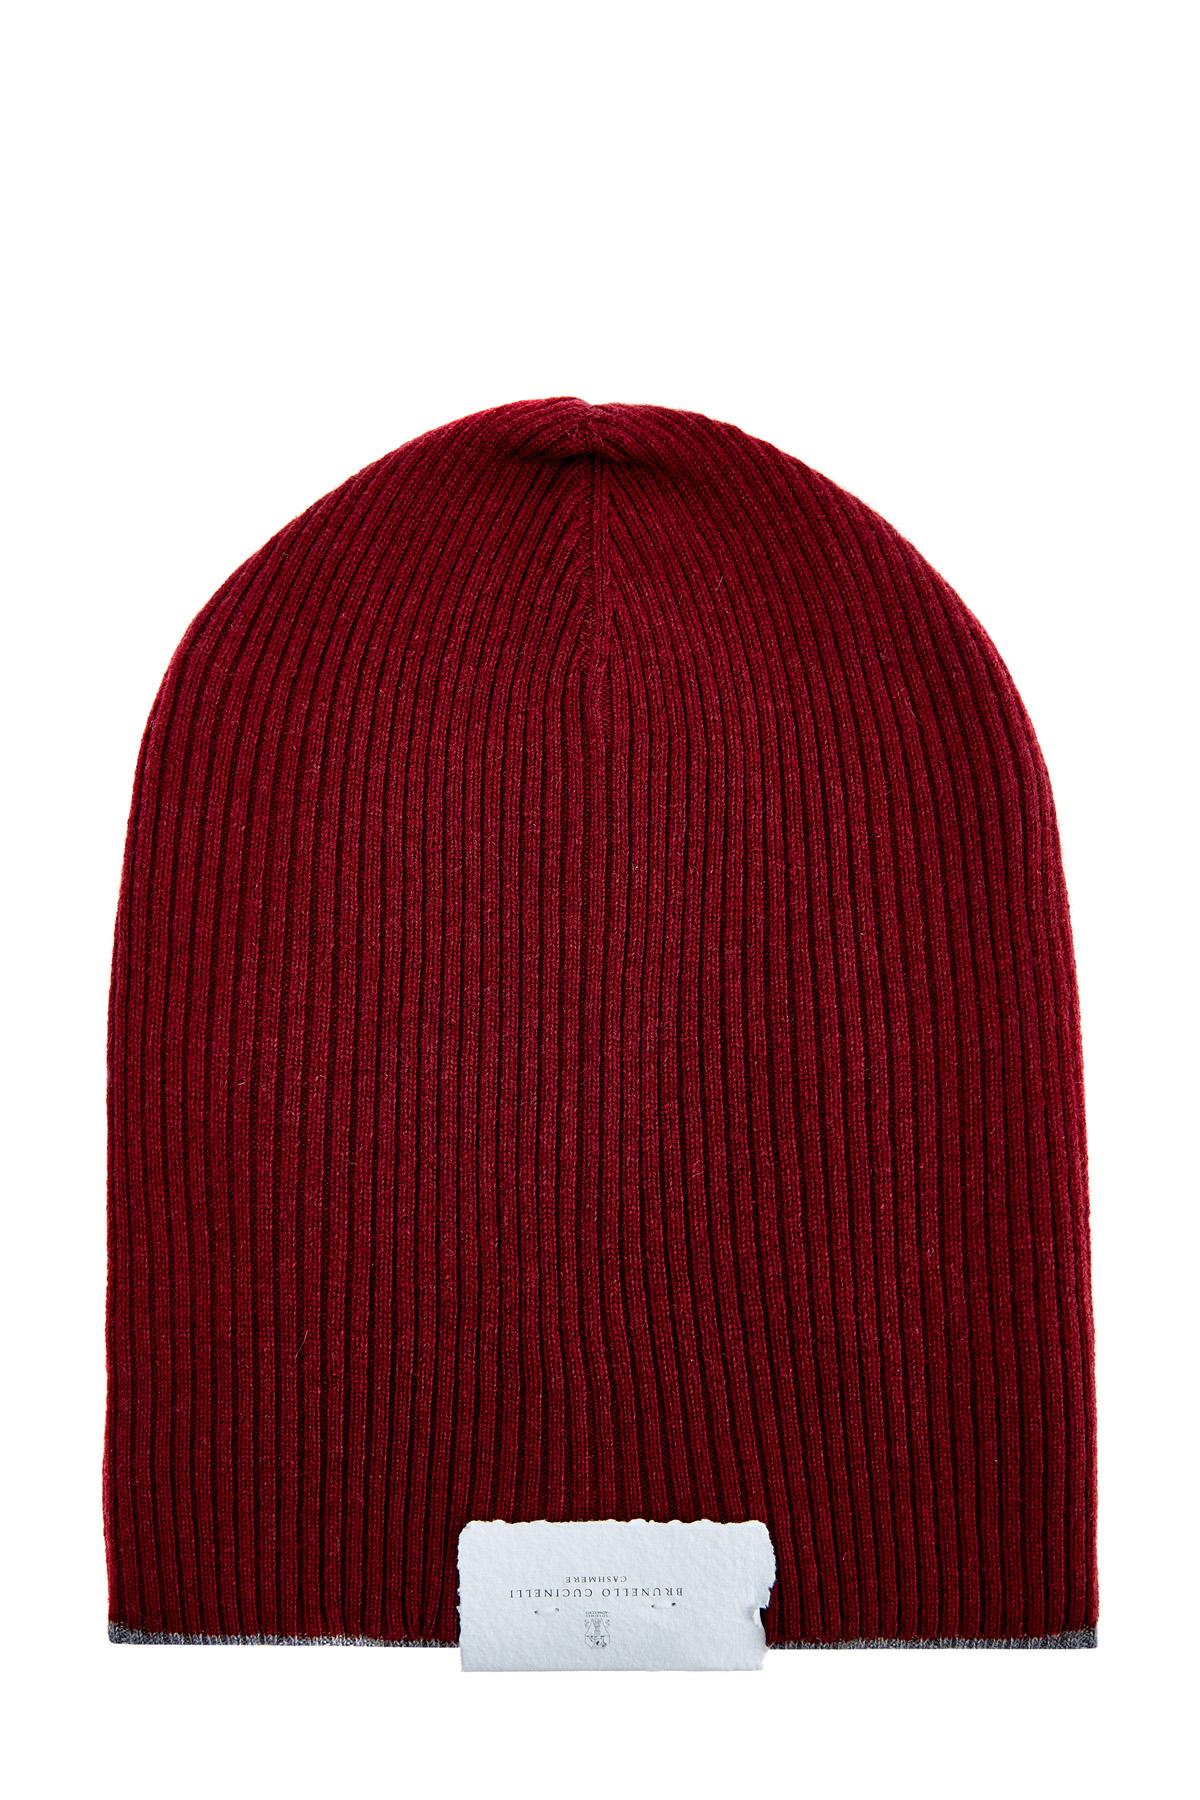 Яркая шапка из кашемировой пряжи в технике английская резинка фото